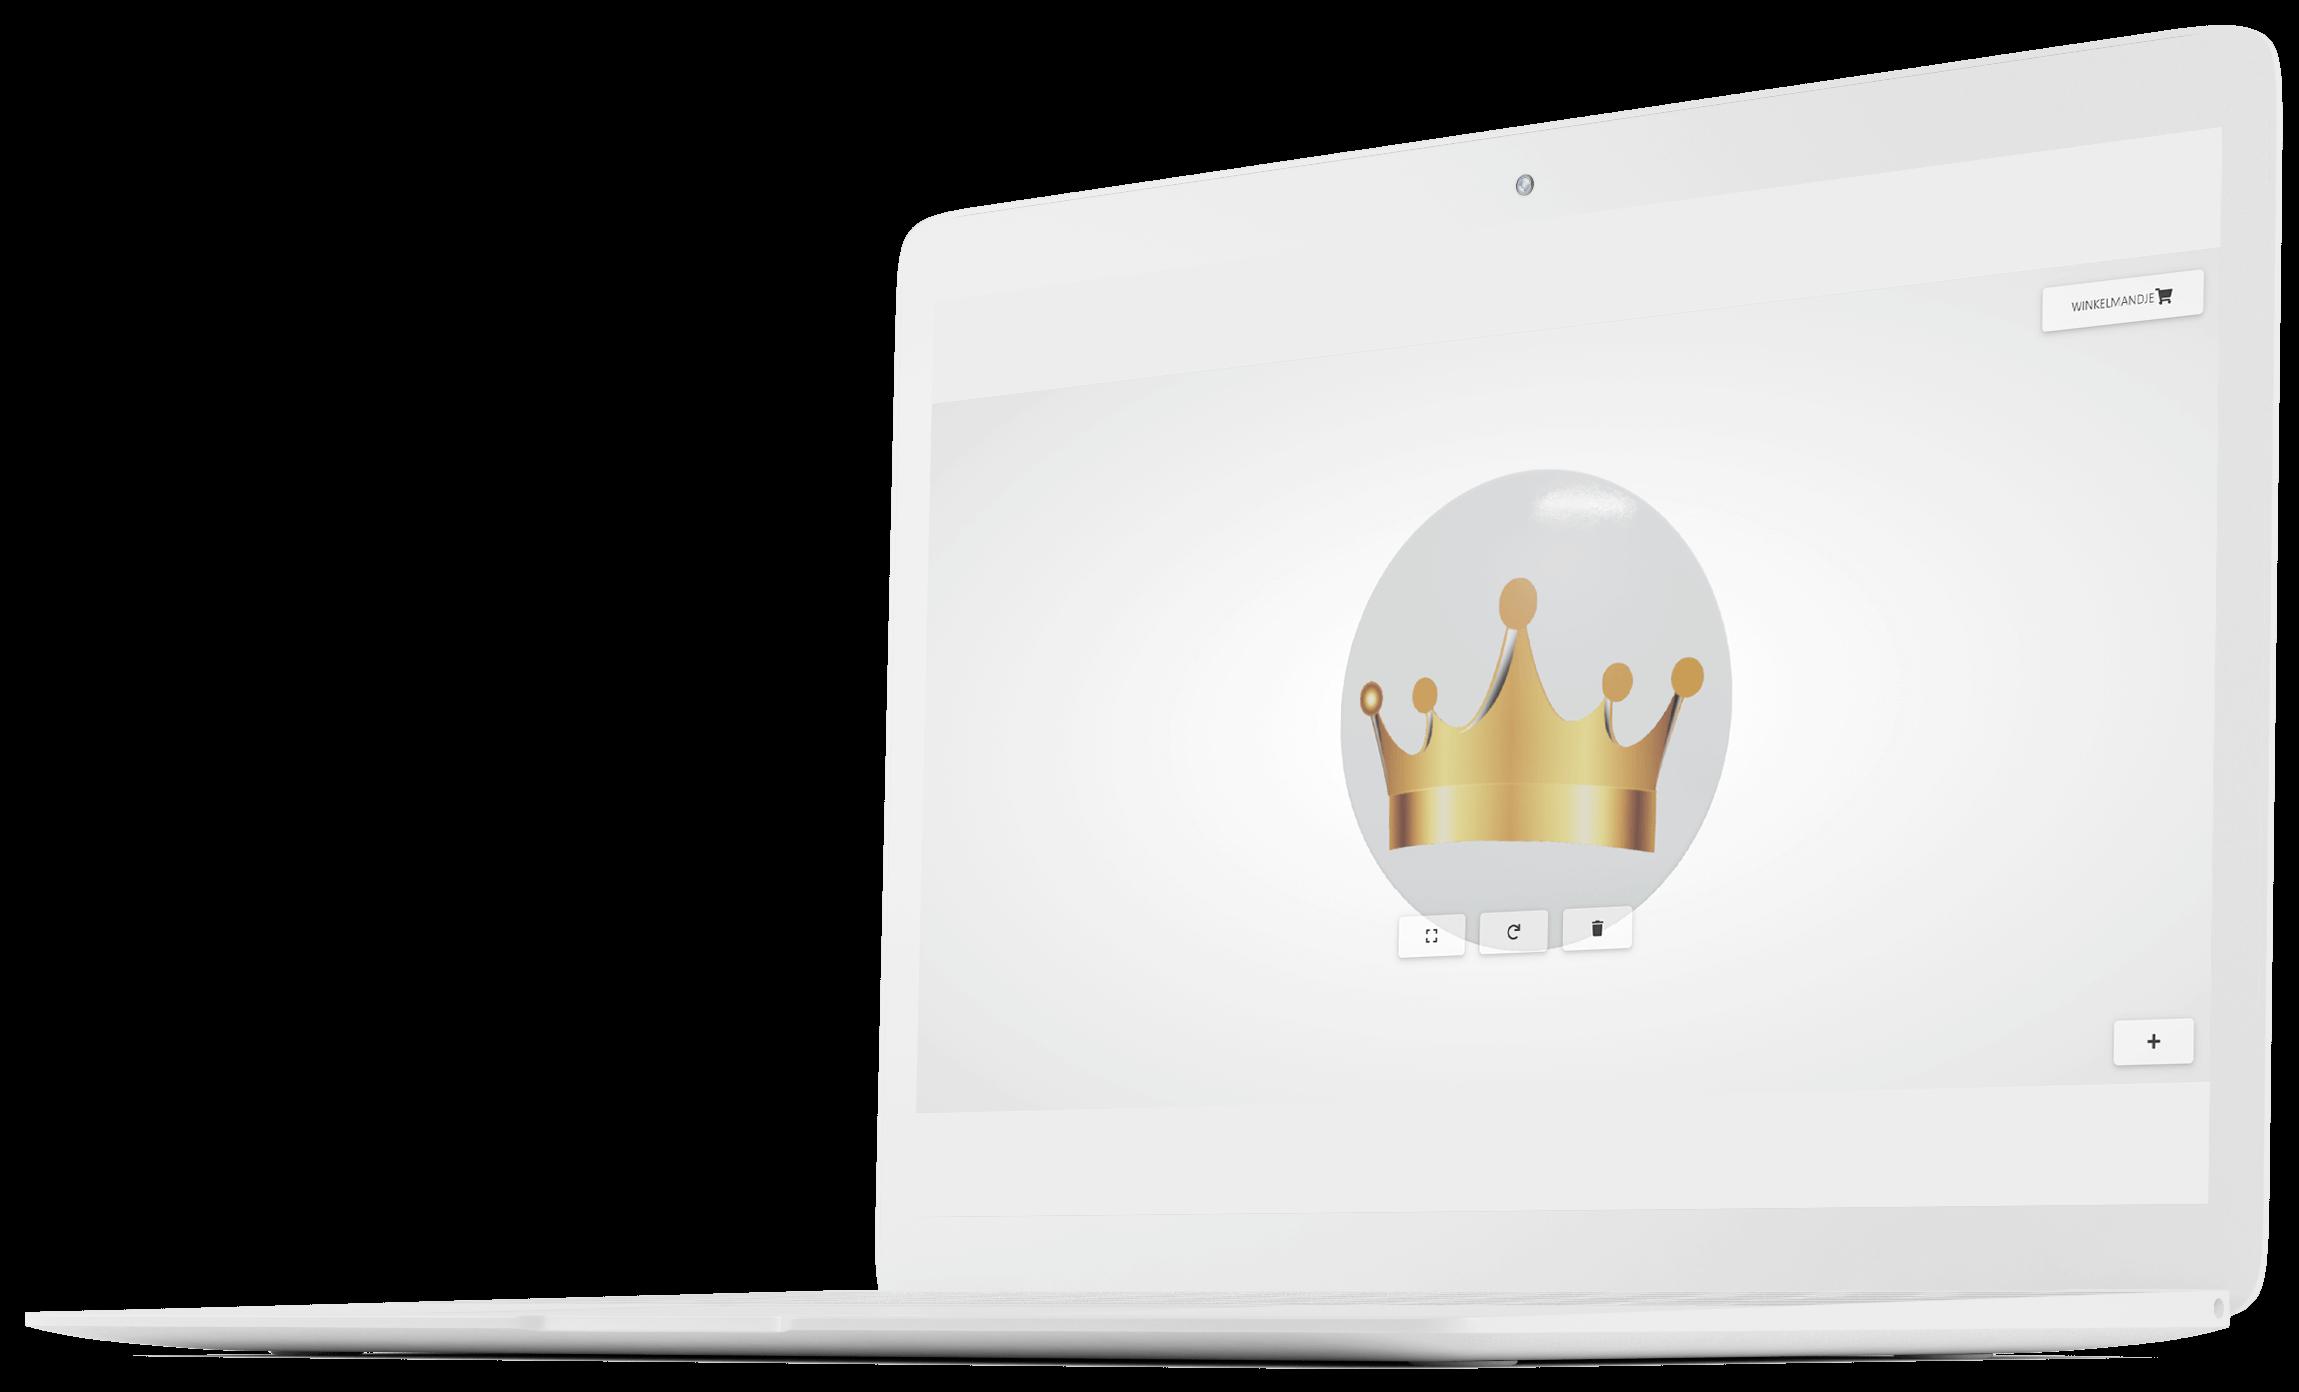 Mockup online buttons ontwerpen